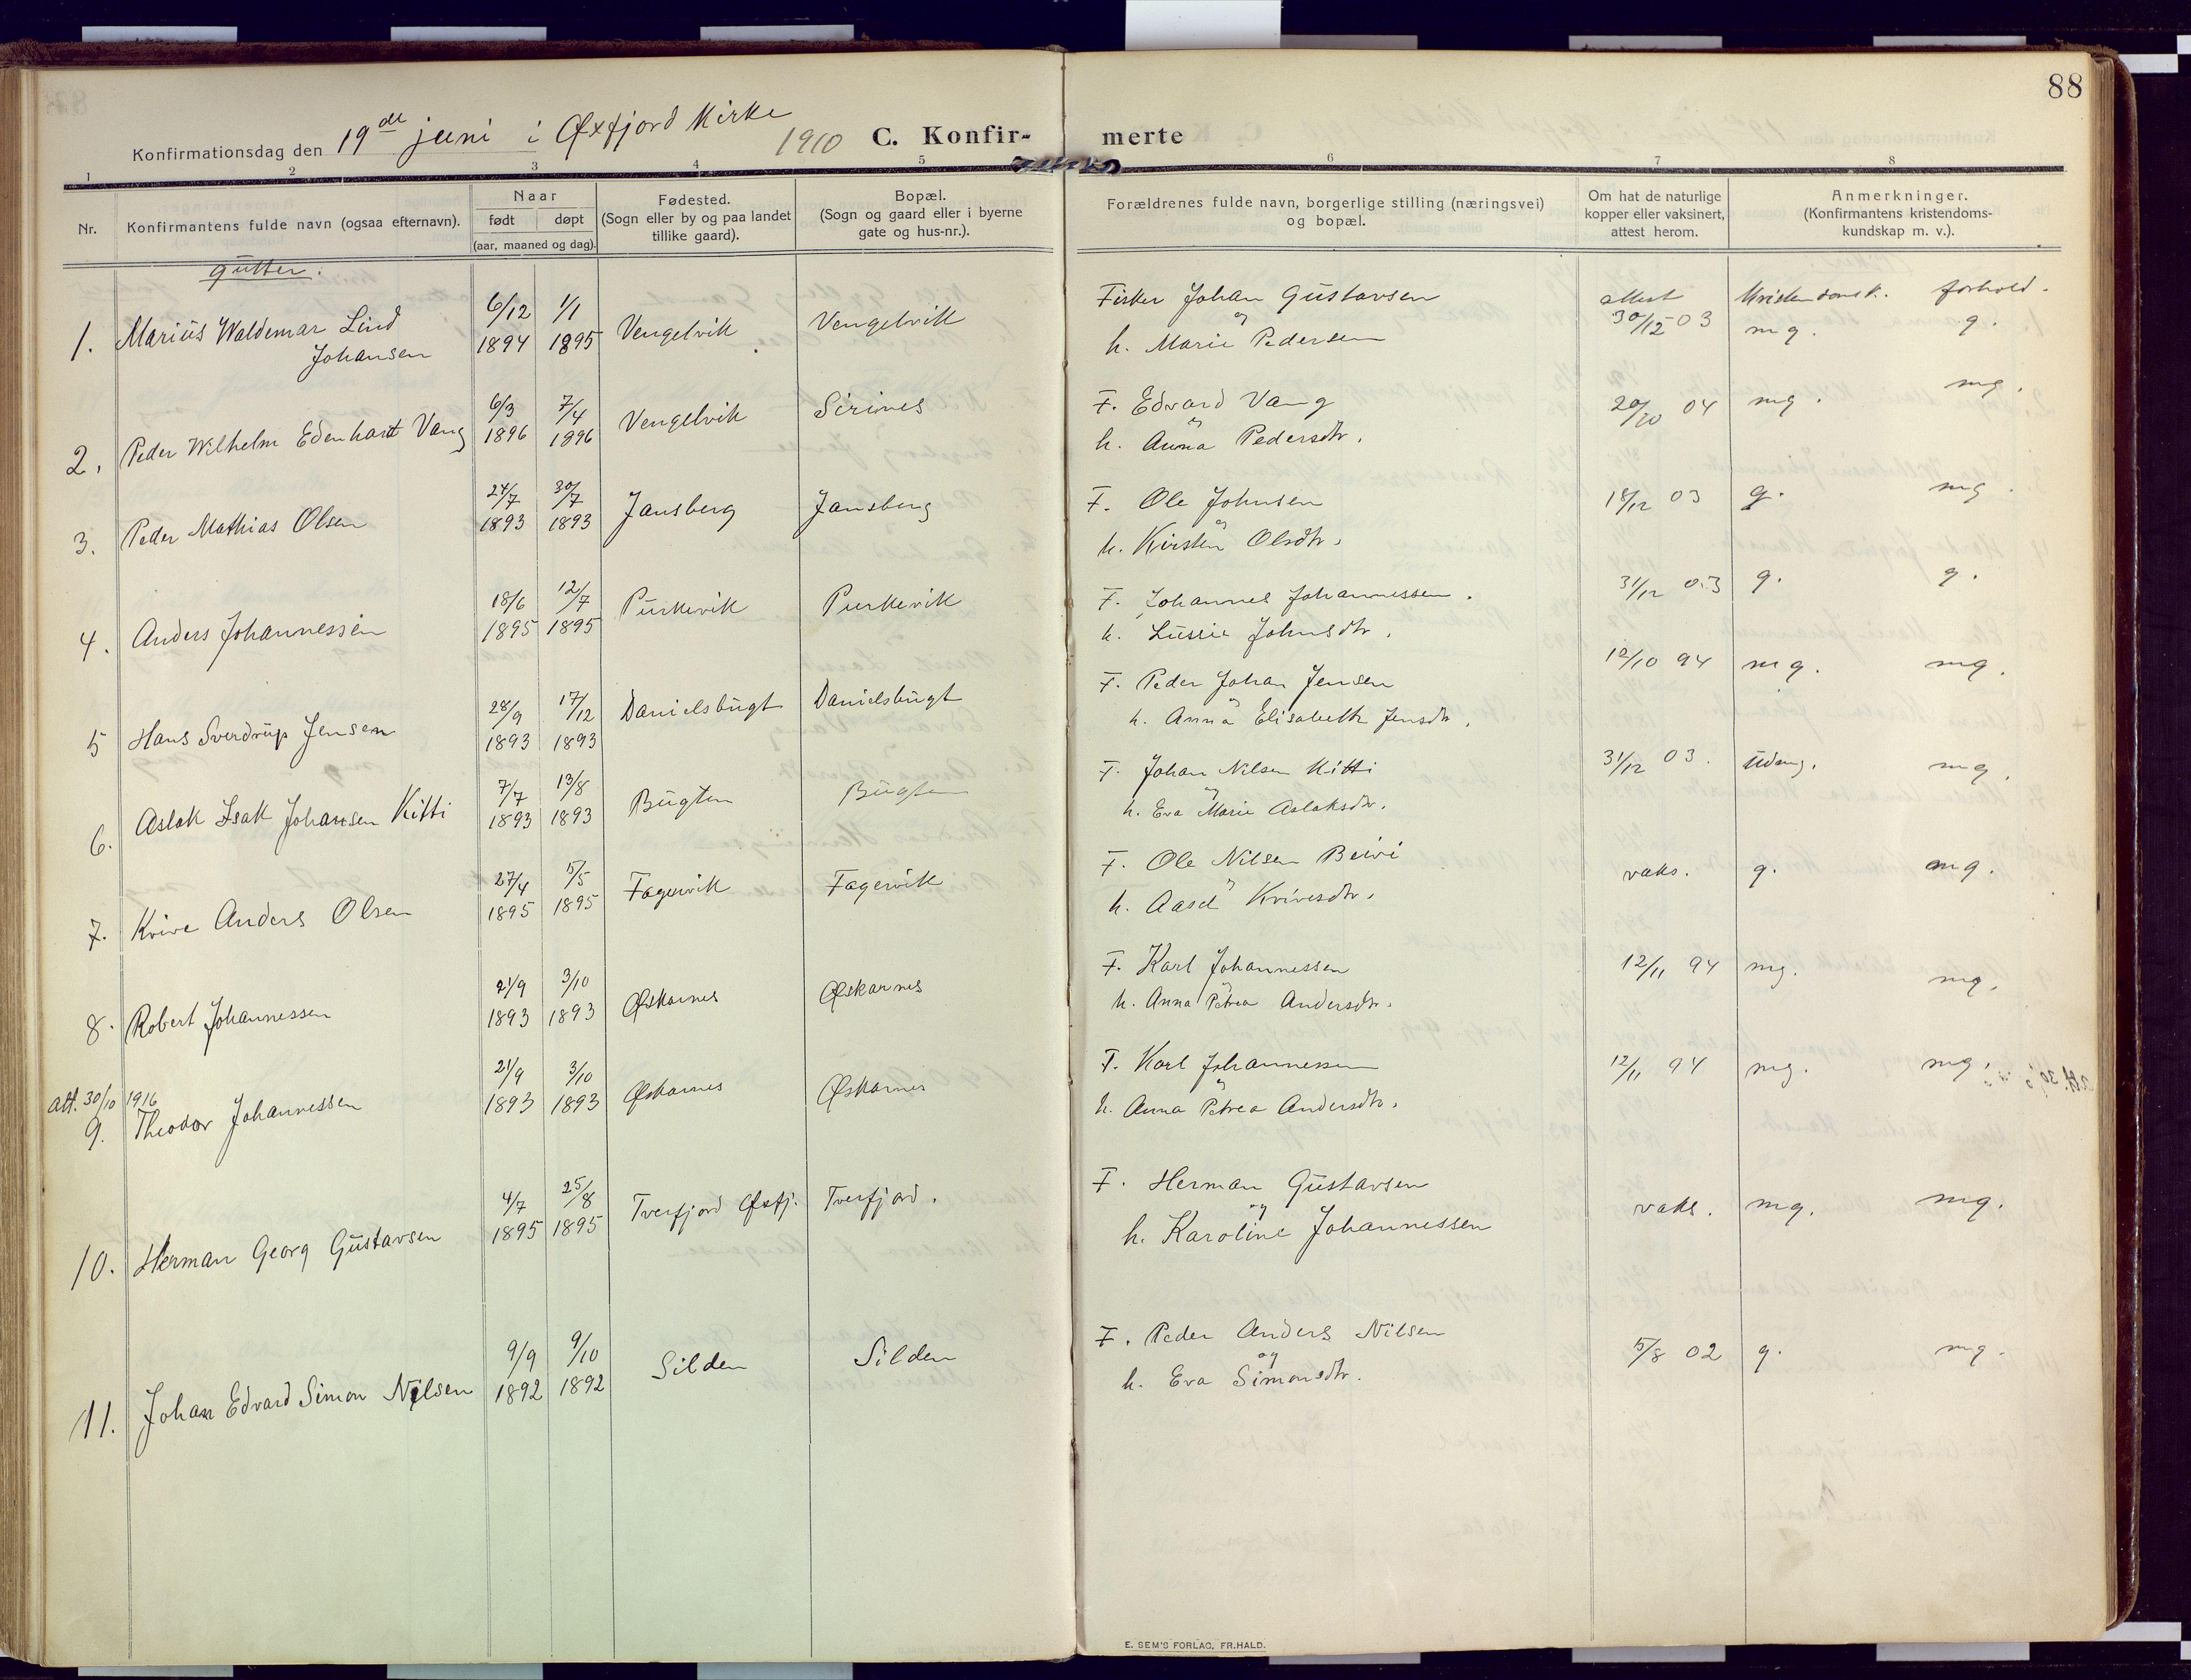 SATØ, Loppa sokneprestkontor, H/Ha/L0011kirke: Ministerialbok nr. 11, 1909-1919, s. 88